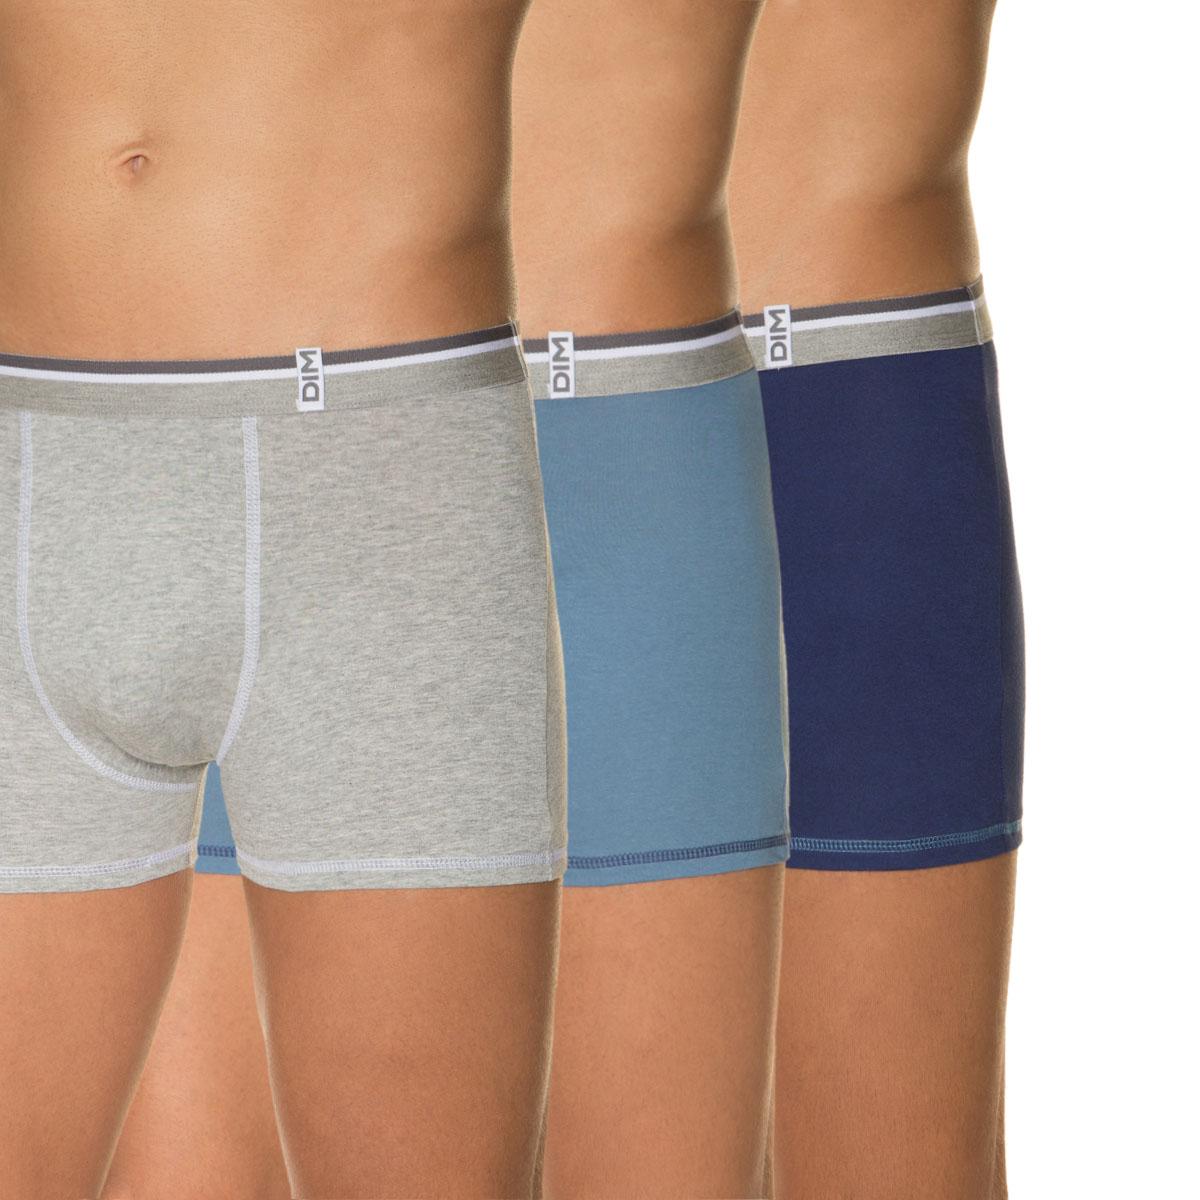 Lot de 3 boxers bleus et gris chiné 100% coton